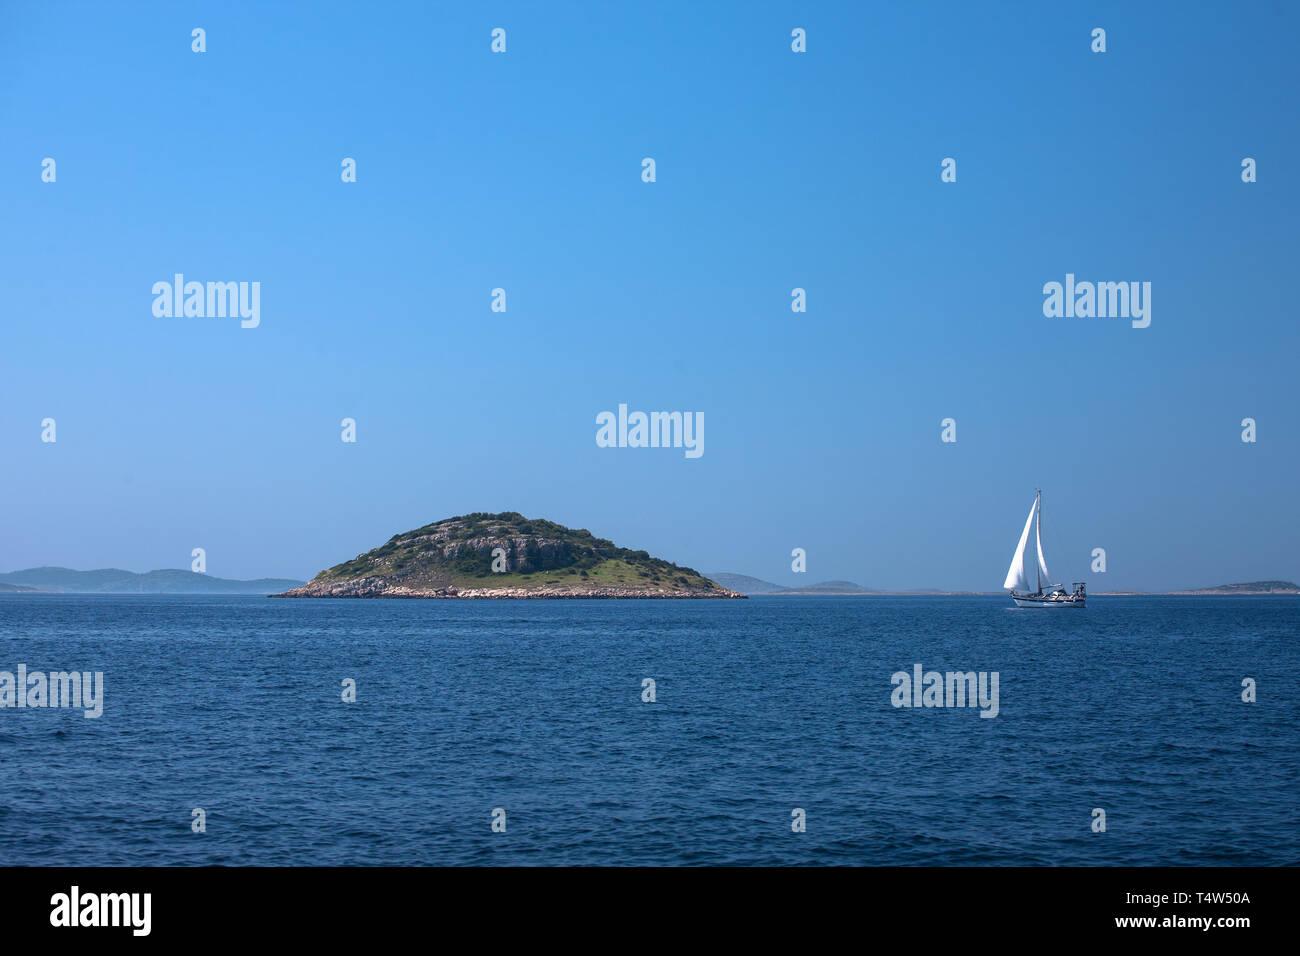 Cruising yacht passing Mali Tetovišnjak in the Murtersko more (Murter Sea), Croatia - Stock Image